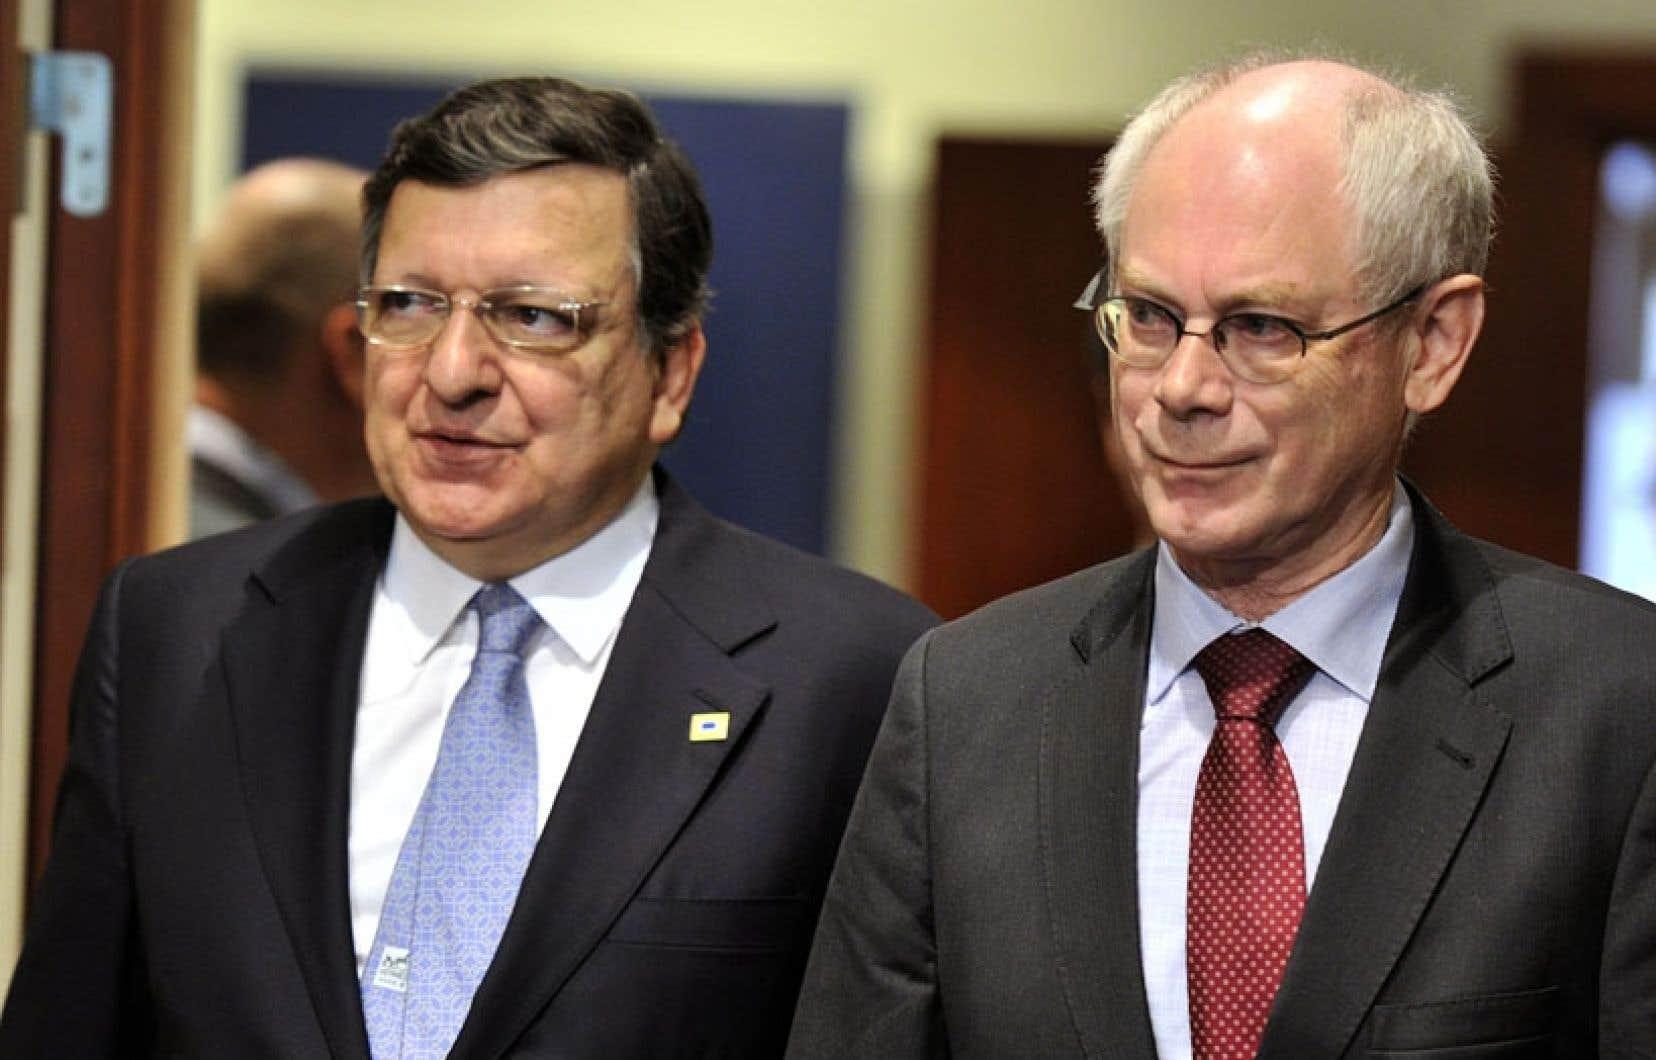 José Manuel Barroso, le président de la Commission européenne, et Herman Van Rompuy, le président du Conseil européen.